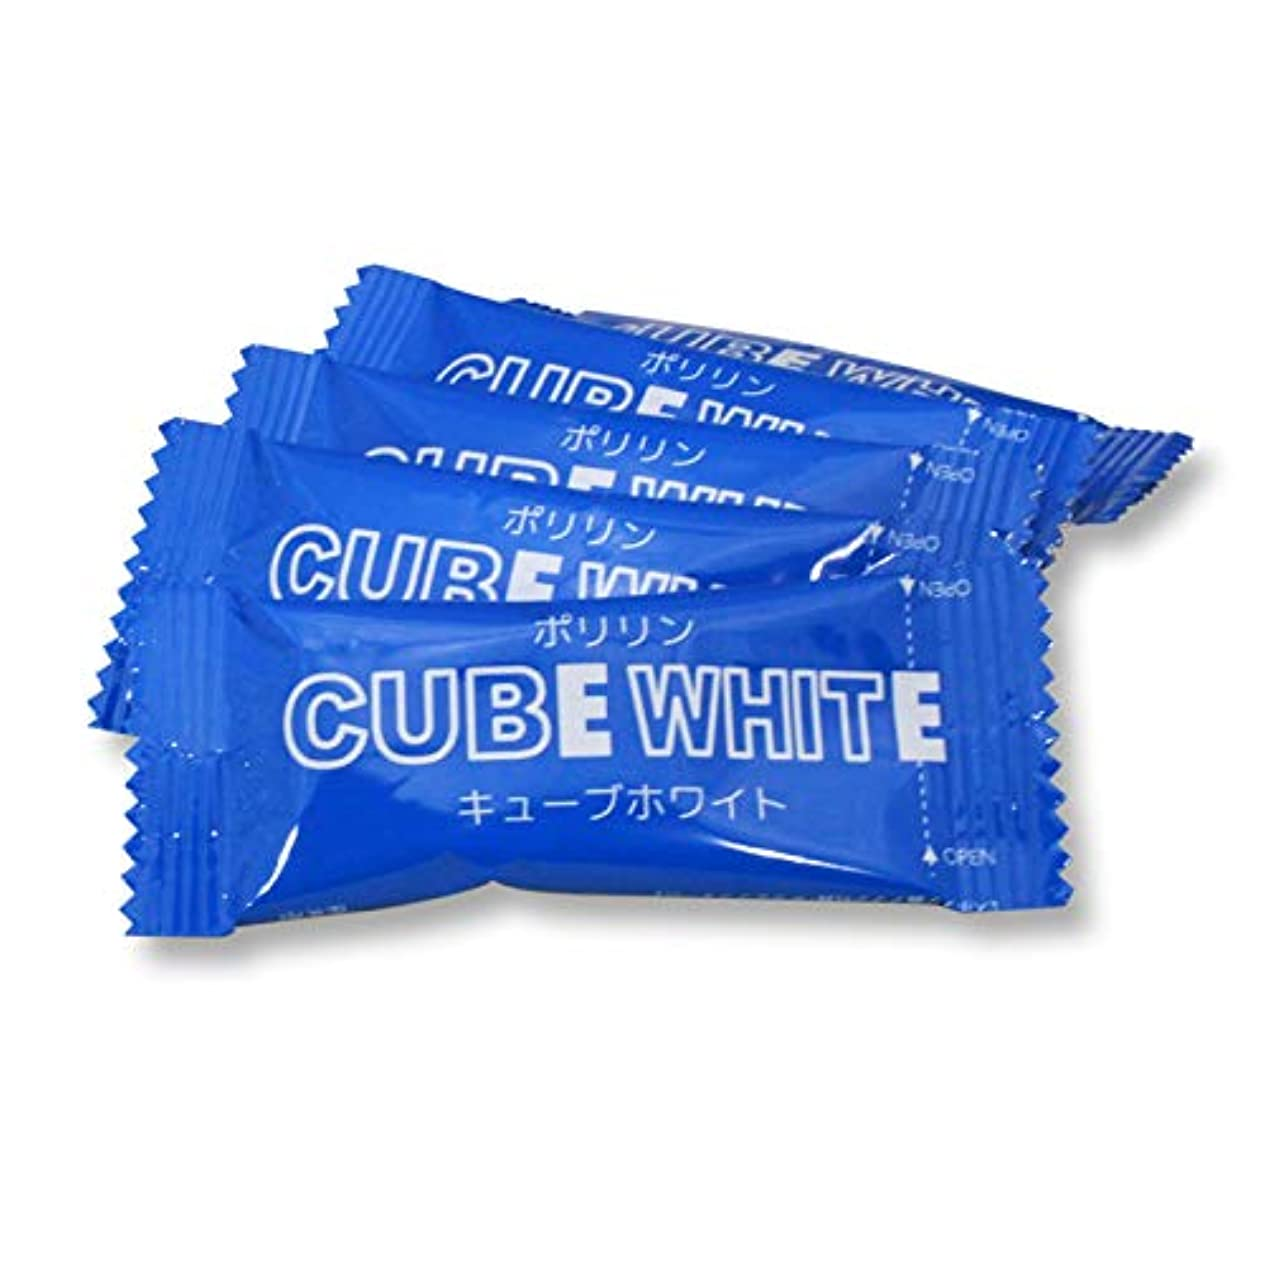 最初は外科医かごリジェンティス キューブホワイト 【5袋入】 歯面専用 スポンジ 歯 ブラシ 付き ホワイトニング 歯磨き